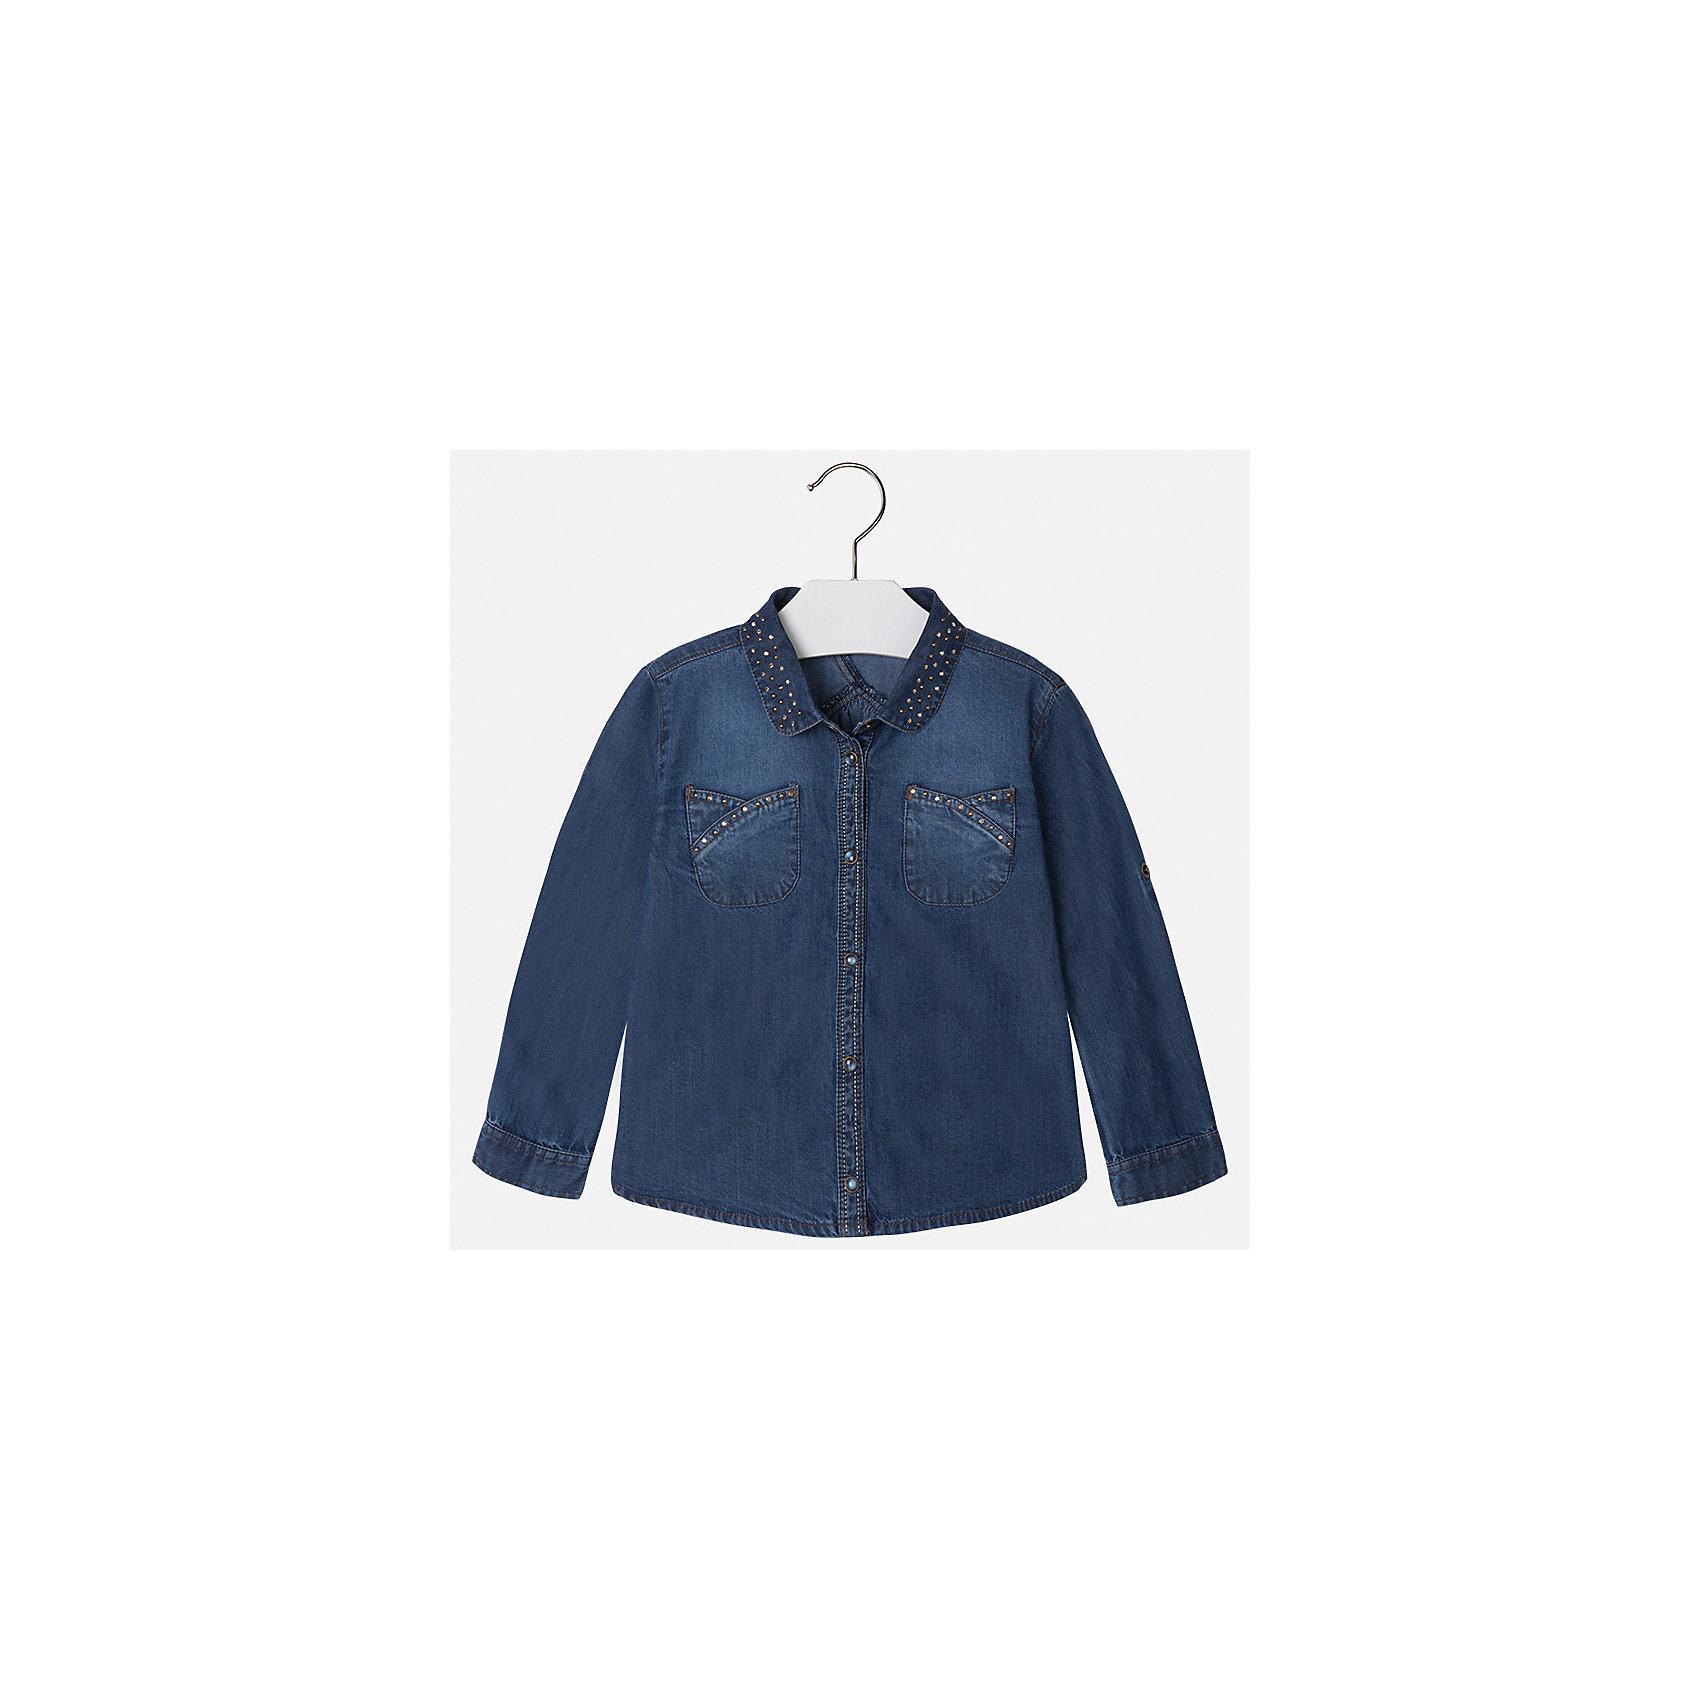 Блузка для девочки MayoralБлузки и рубашки<br>Характеристики товара:<br><br>• цвет: голубой<br>• состав ткани: 100% хлопок<br>• сезон: круглый год<br>• застежка: кнопки<br>• стразы<br>• длинные рукава<br>• страна бренда: Испания<br>• страна изготовитель: Индия<br><br>Джинсовая блузка со стразами может стать основой гардероба современной девочки. Красивая и удобная блузка для девочки сшита из легкого качественного материала. <br><br>Детская одежда от испанской компании Mayoral отличаются оригинальным и всегда стильным дизайном. Качество продукции неизменно очень высокое.<br><br>Блузку для девочки Mayoral (Майорал) можно купить в нашем интернет-магазине.<br><br>Ширина мм: 186<br>Глубина мм: 87<br>Высота мм: 198<br>Вес г: 197<br>Цвет: голубой<br>Возраст от месяцев: 96<br>Возраст до месяцев: 108<br>Пол: Женский<br>Возраст: Детский<br>Размер: 134,98,104,110,116,122,128<br>SKU: 6923984